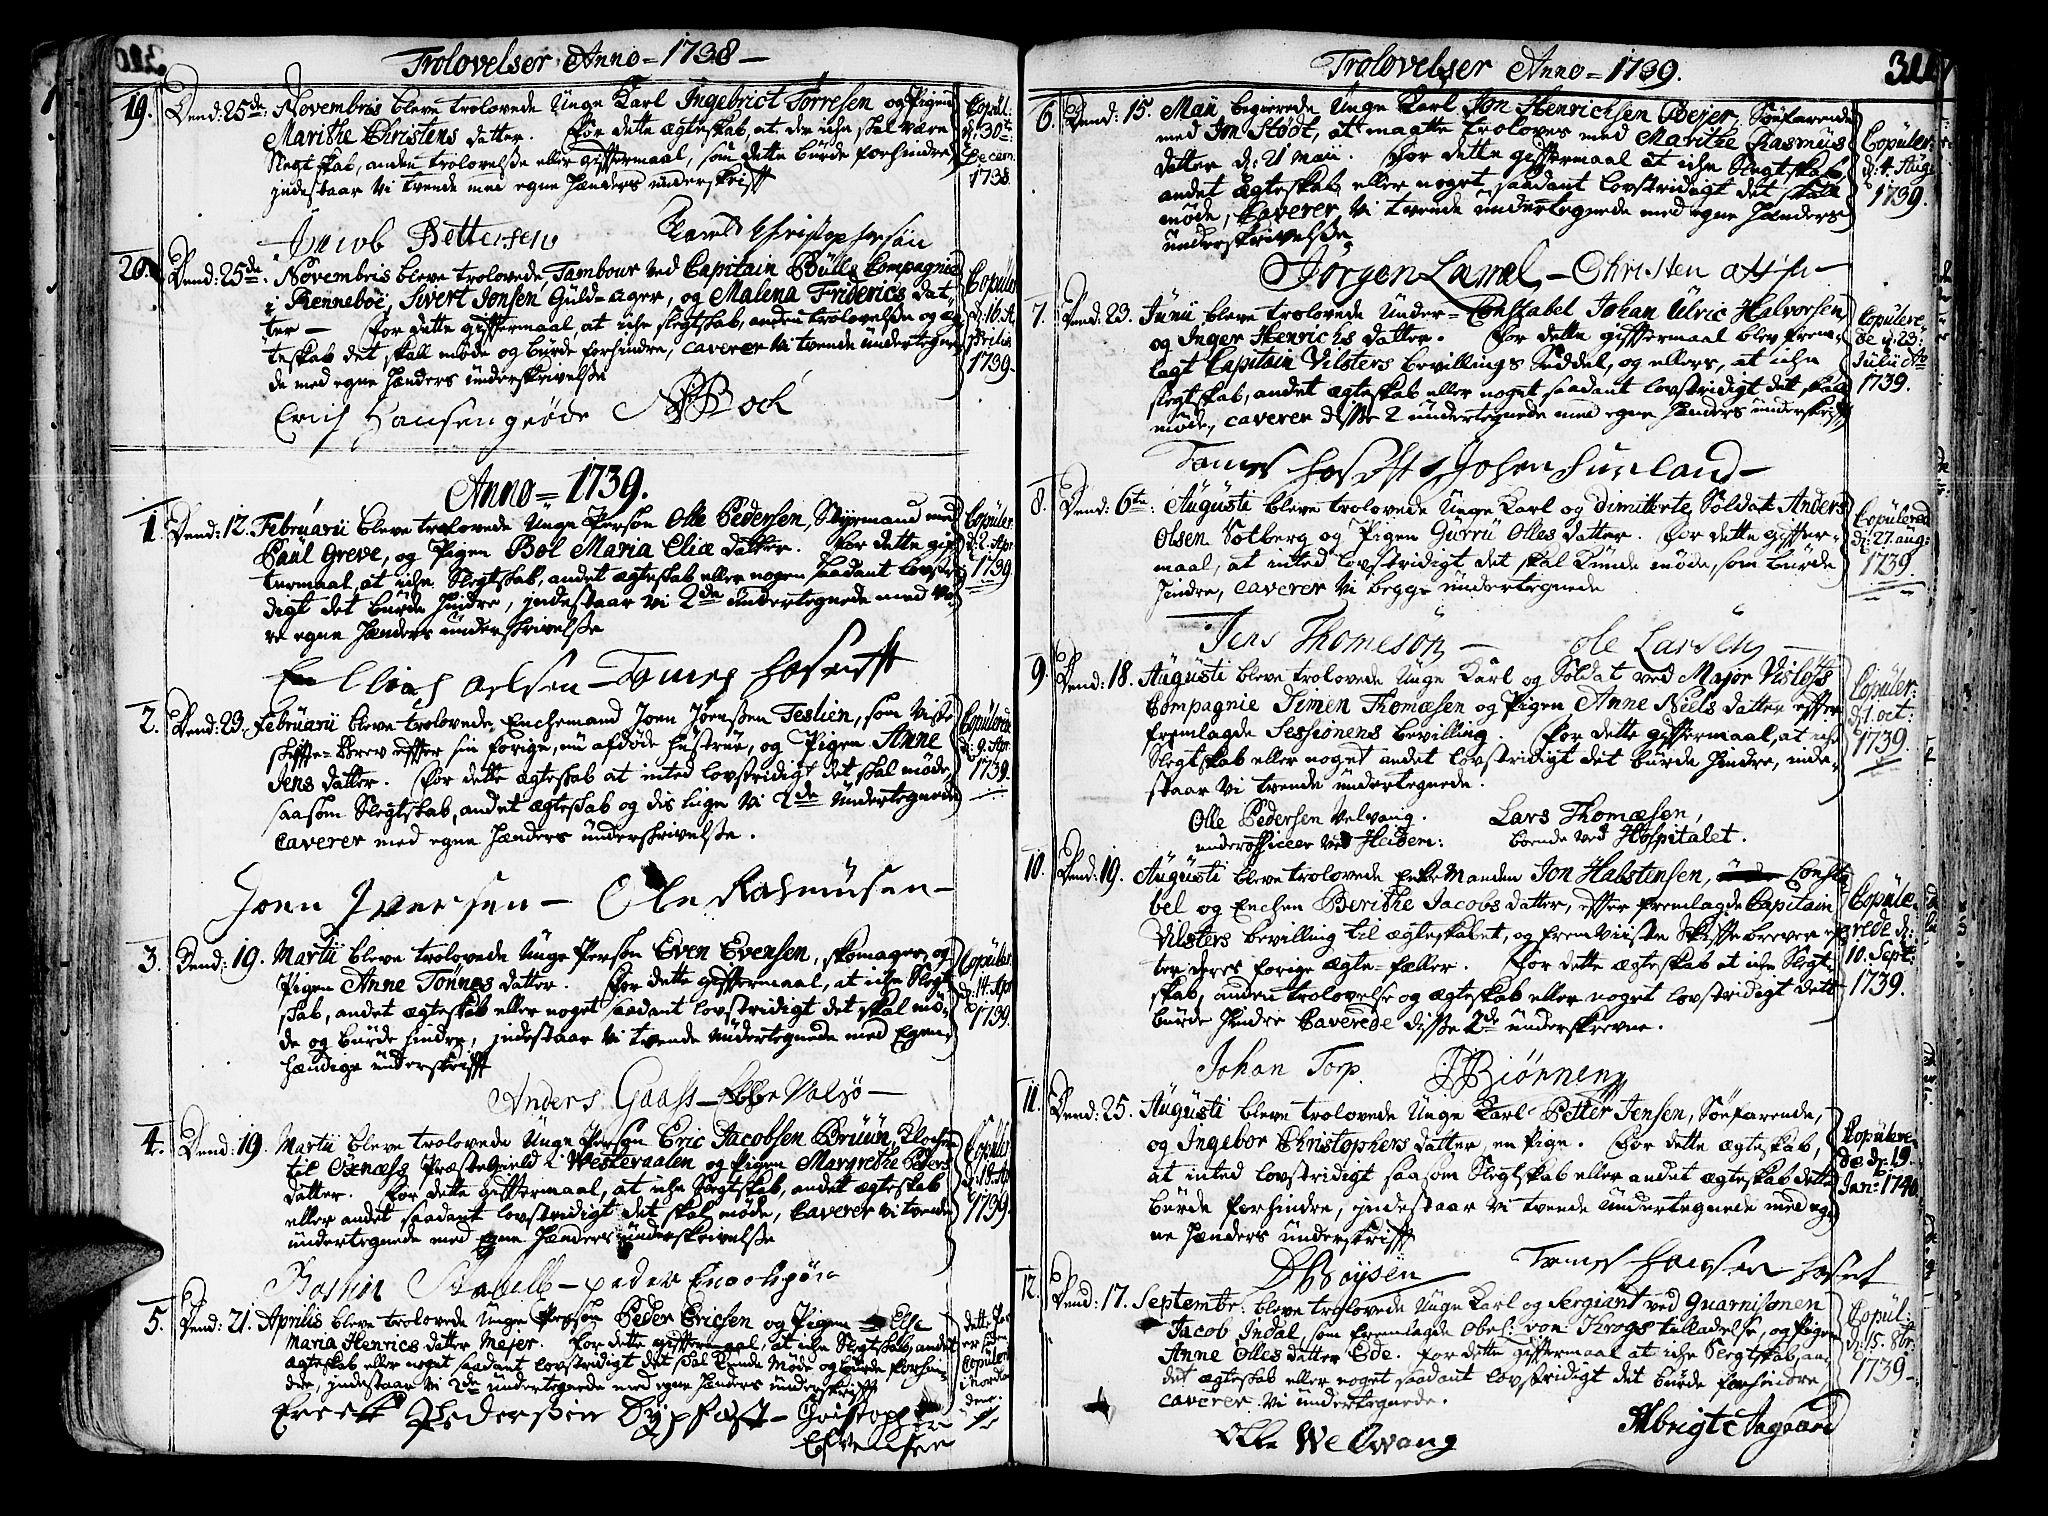 SAT, Ministerialprotokoller, klokkerbøker og fødselsregistre - Sør-Trøndelag, 602/L0103: Ministerialbok nr. 602A01, 1732-1774, s. 311